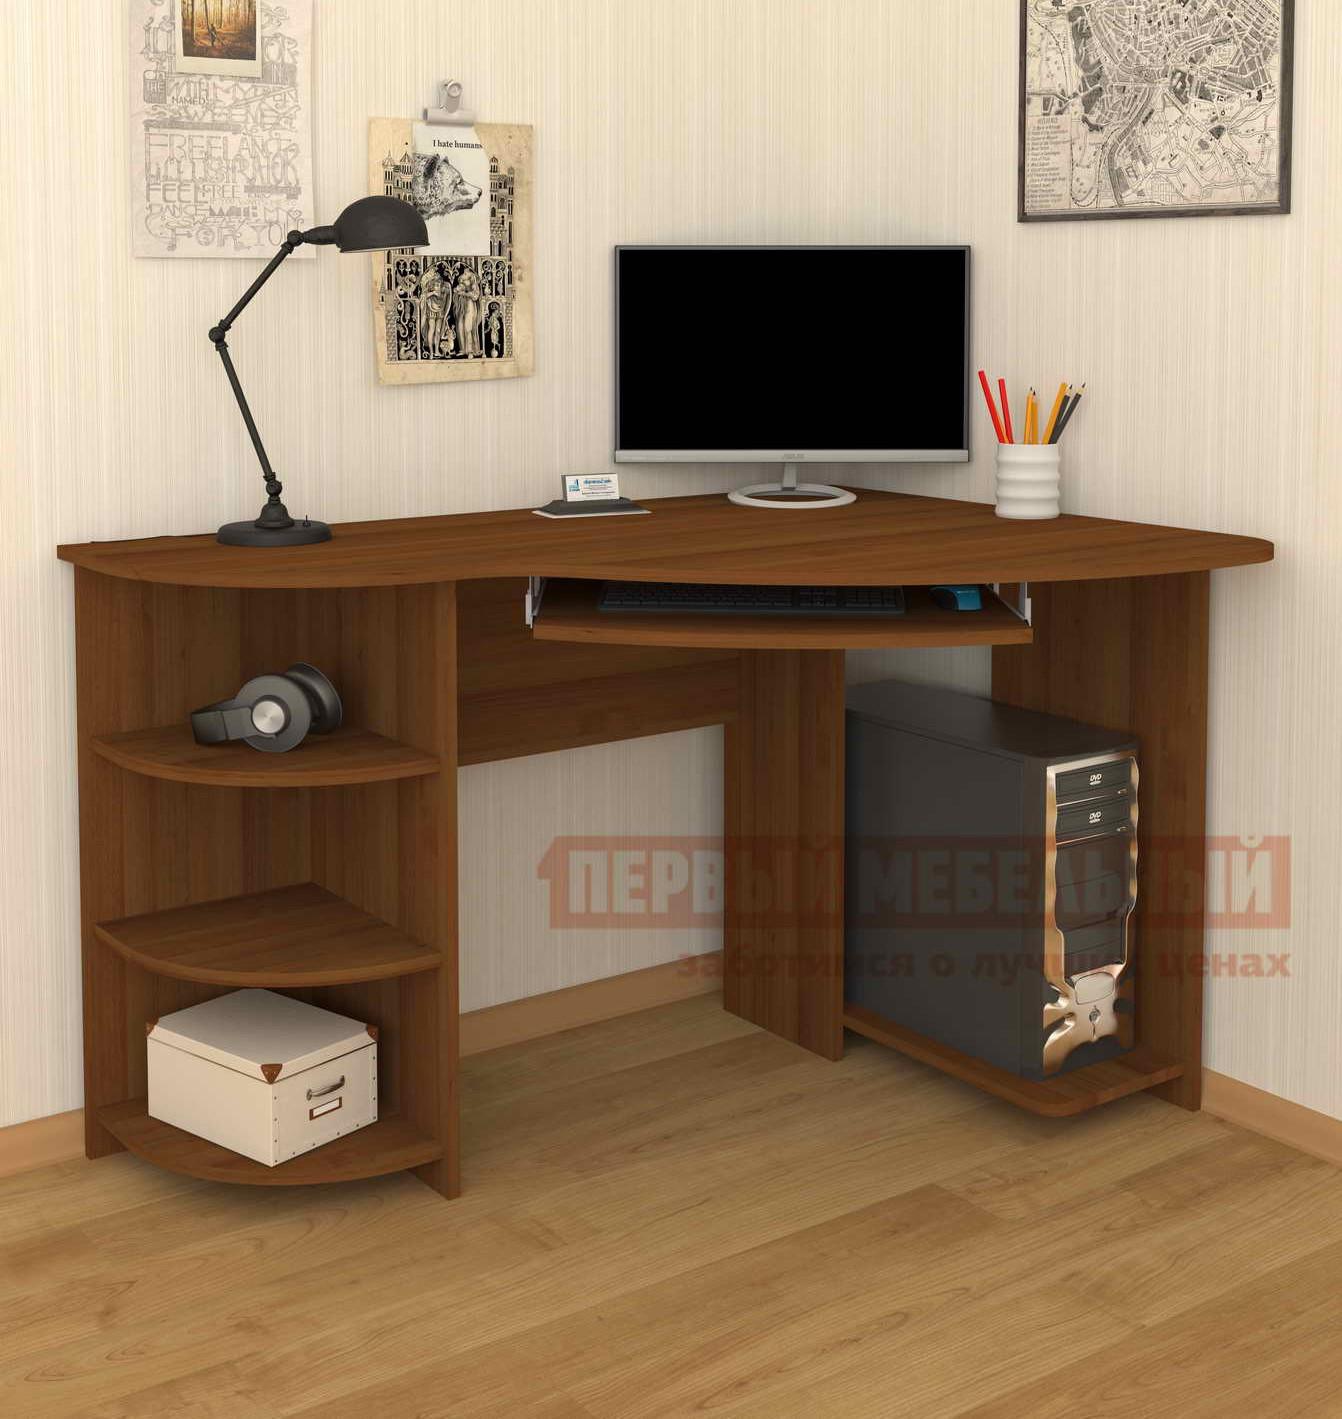 Компьютерный стол Мебелеф Мебелеф-18 угловой компьютерный стол мебелеф компьютерный стол мебелеф 44